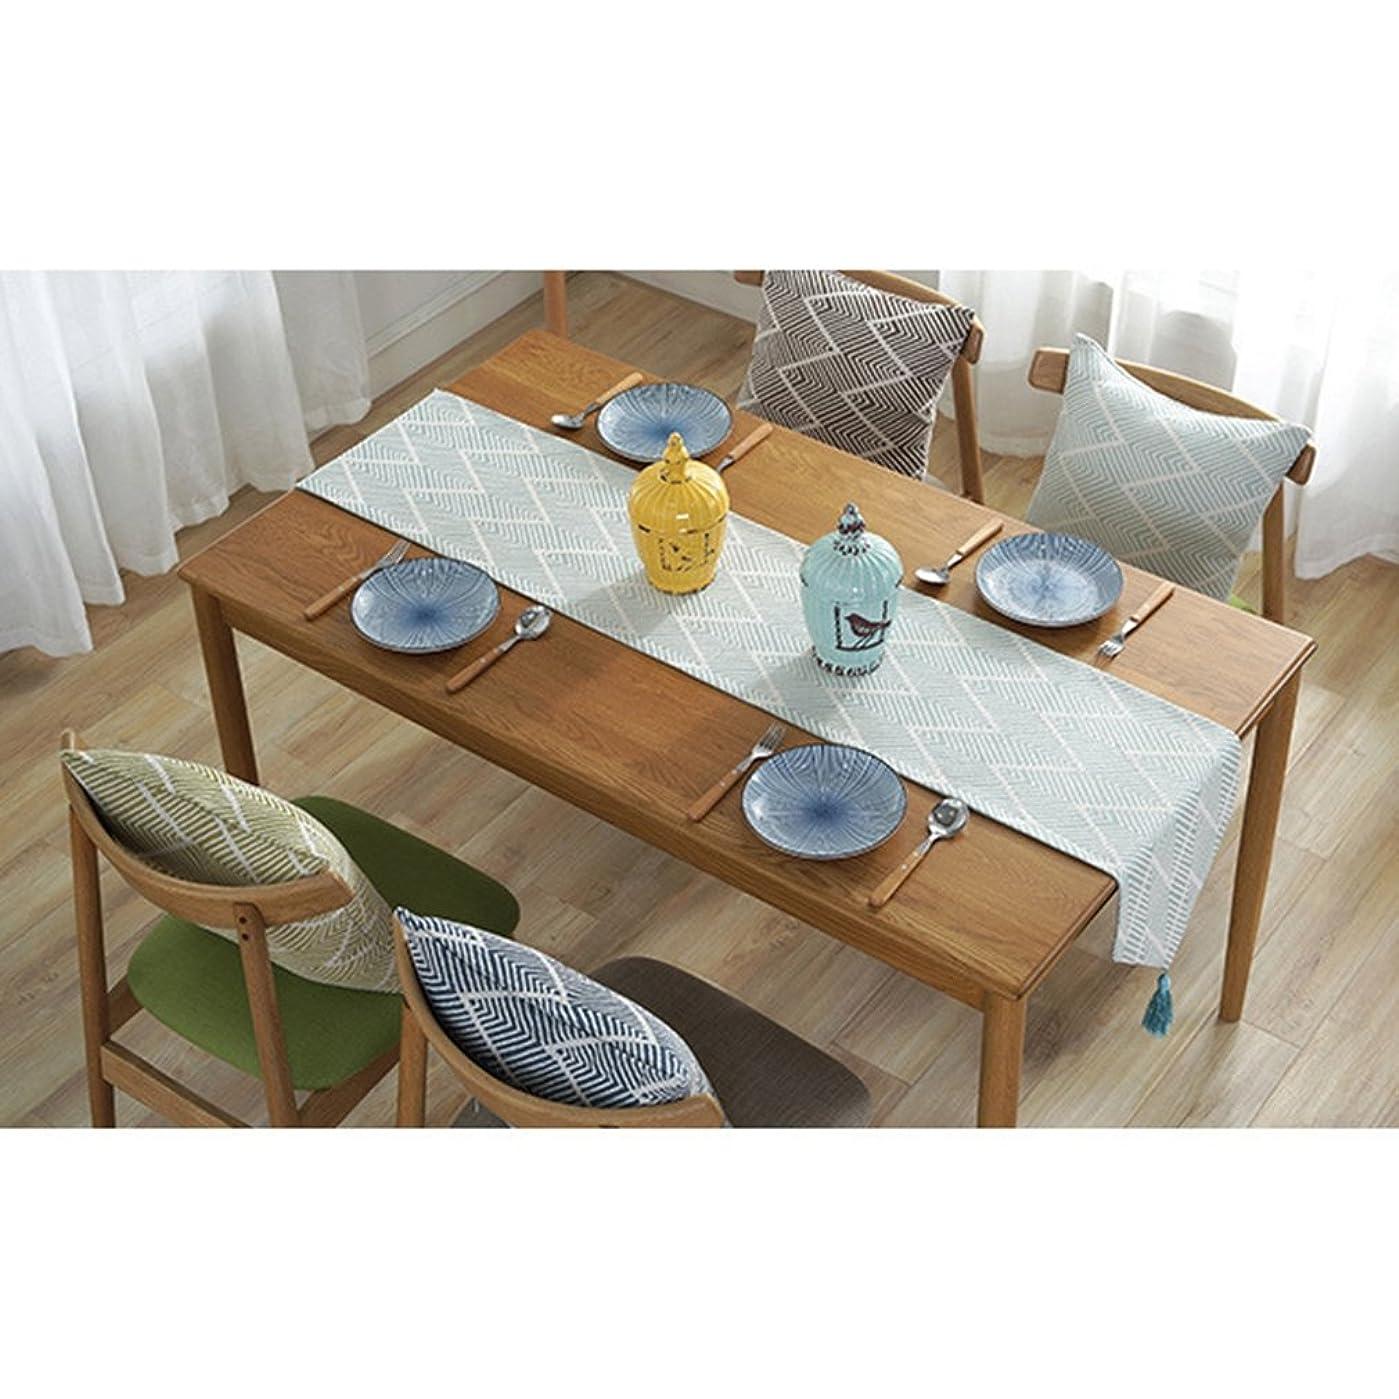 なめらか詳細に補助[Ziv-Nat] テーブルランナー 水色 ブルー 32×180cm 北欧 モダン 幾何模様 おしゃれ 洗える ジャカール アジアン 和風 ペンダント付き